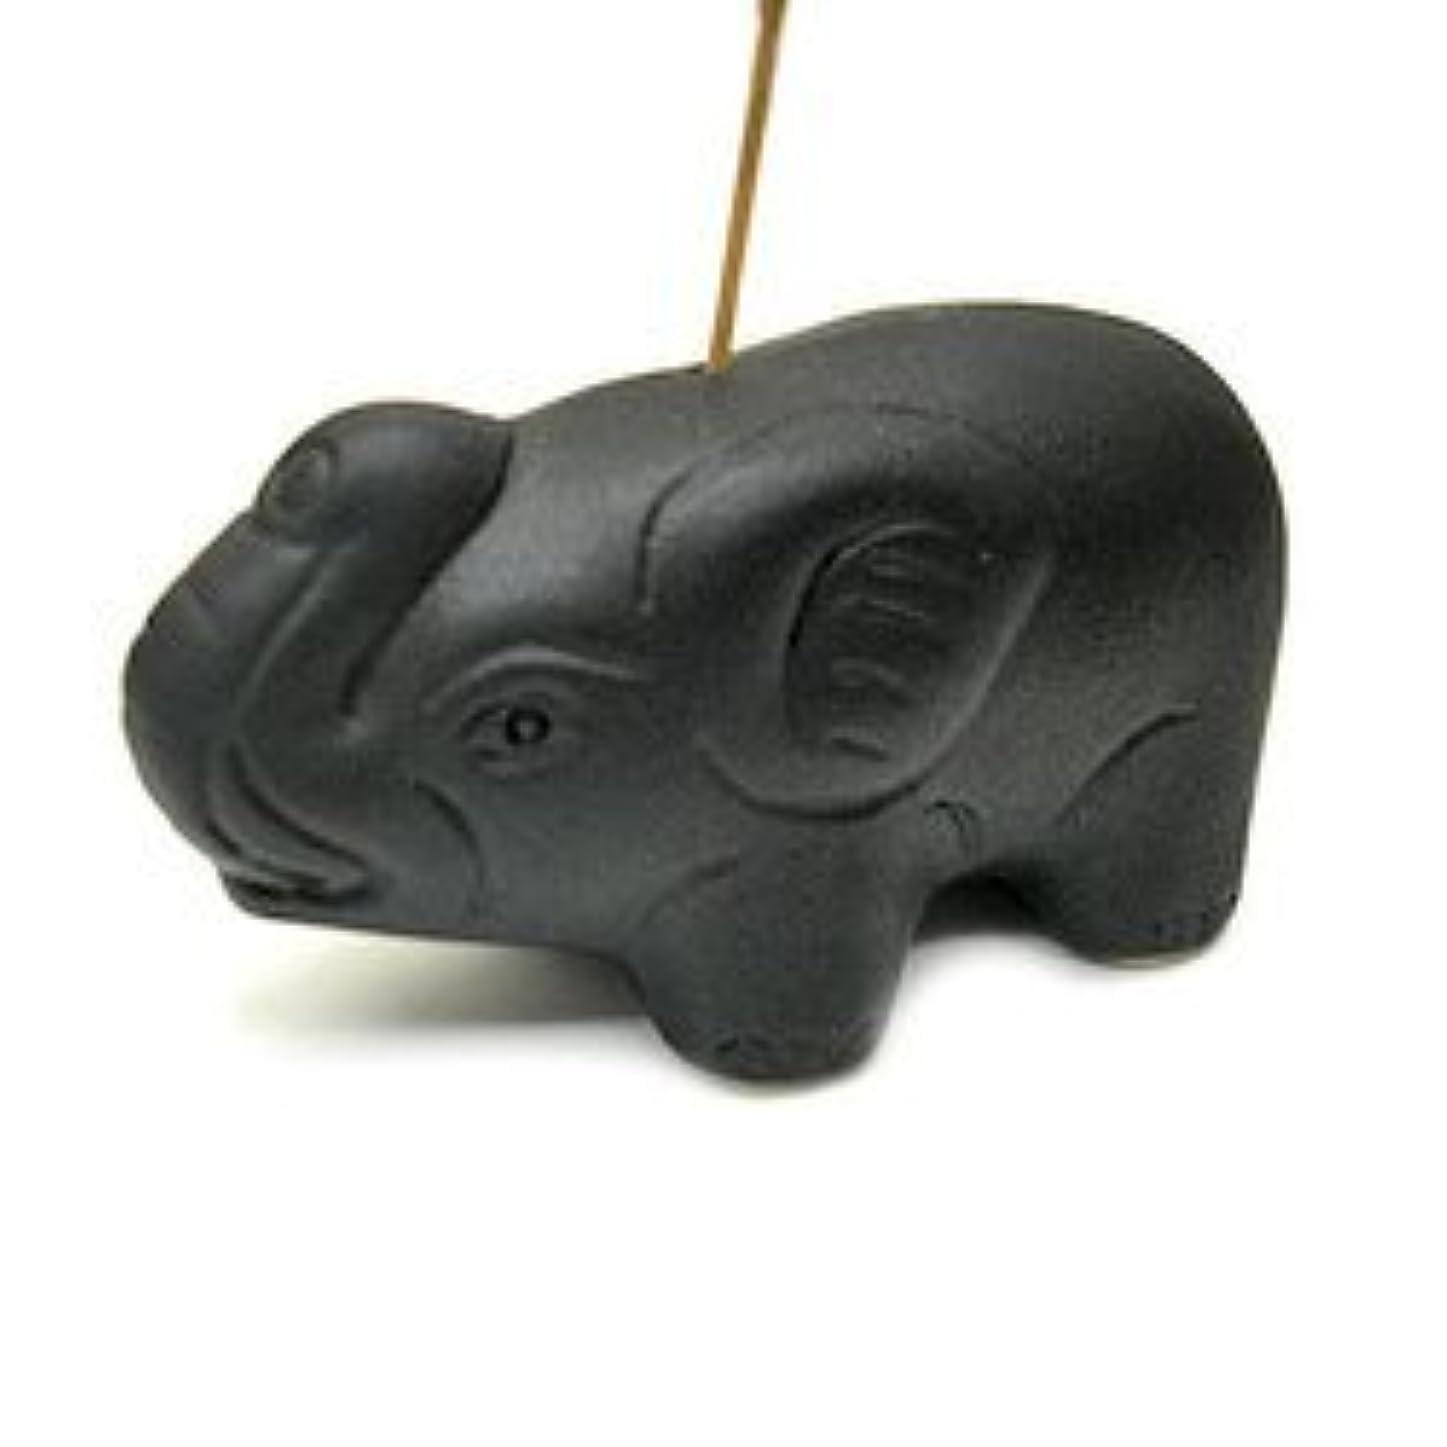 女将ステレオタイプ忠実象さんのお香立て <黒> インセンスホルダー/スティックタイプ用お香立て?お香たて アジアン雑貨